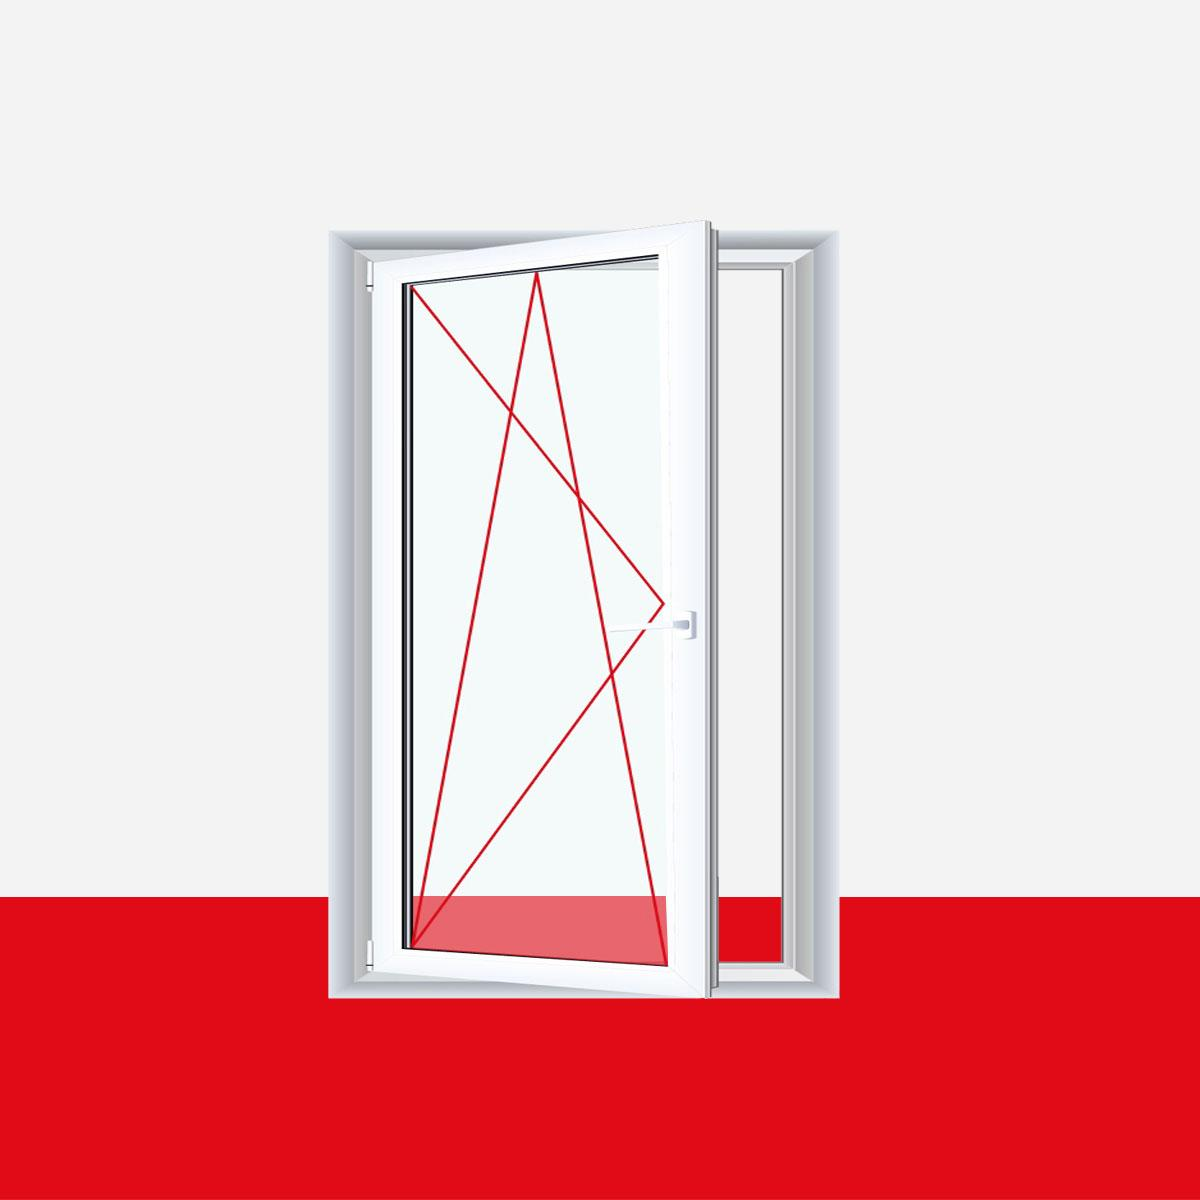 kunststofffenster badfenster ornament streifen lichtgrau shop fenster badfenster. Black Bedroom Furniture Sets. Home Design Ideas